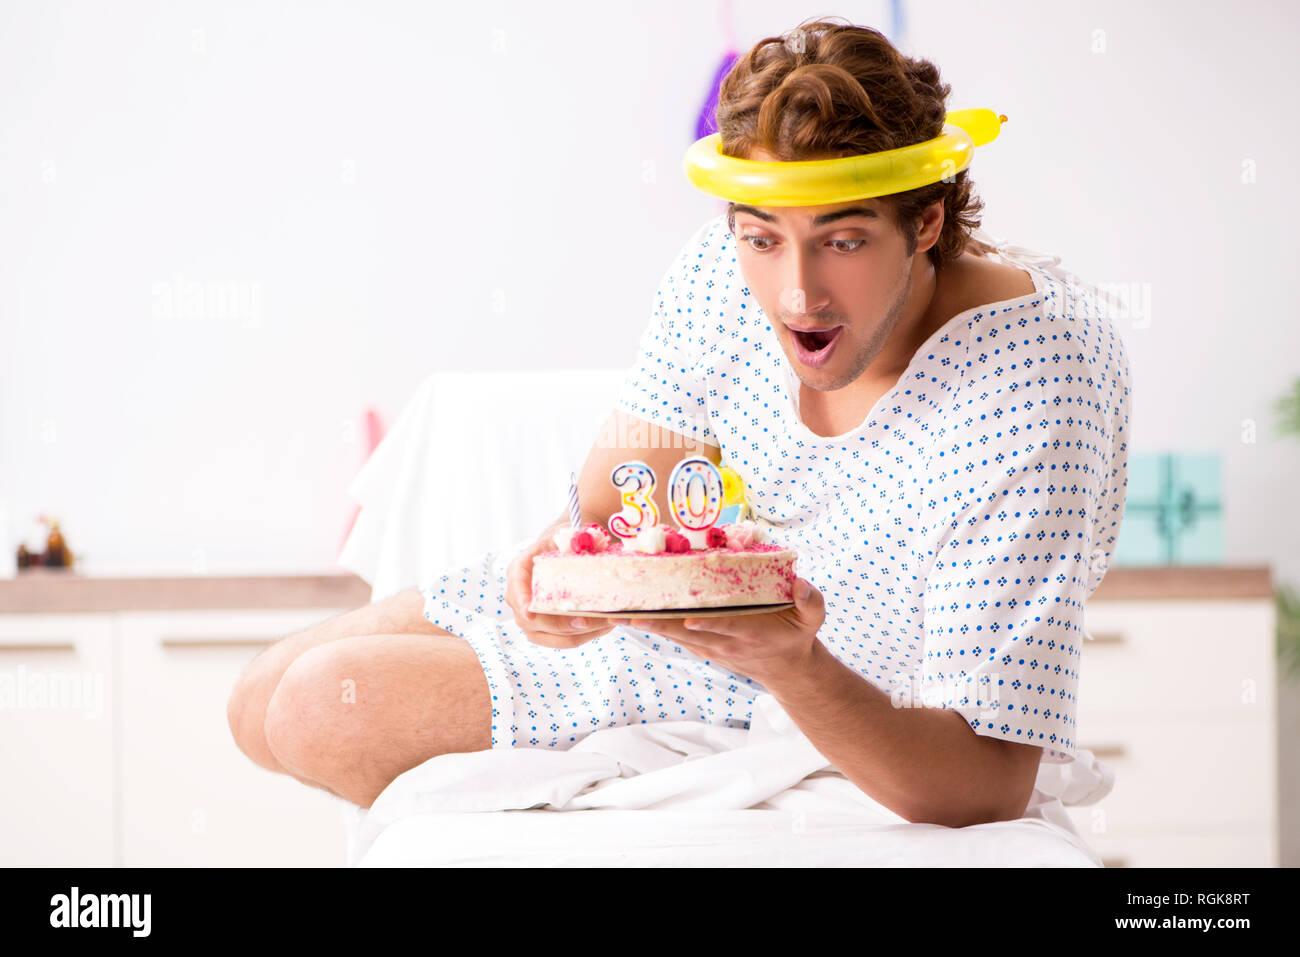 Was einen Kerl zu bekommen, die nicht für seinen Geburtstag